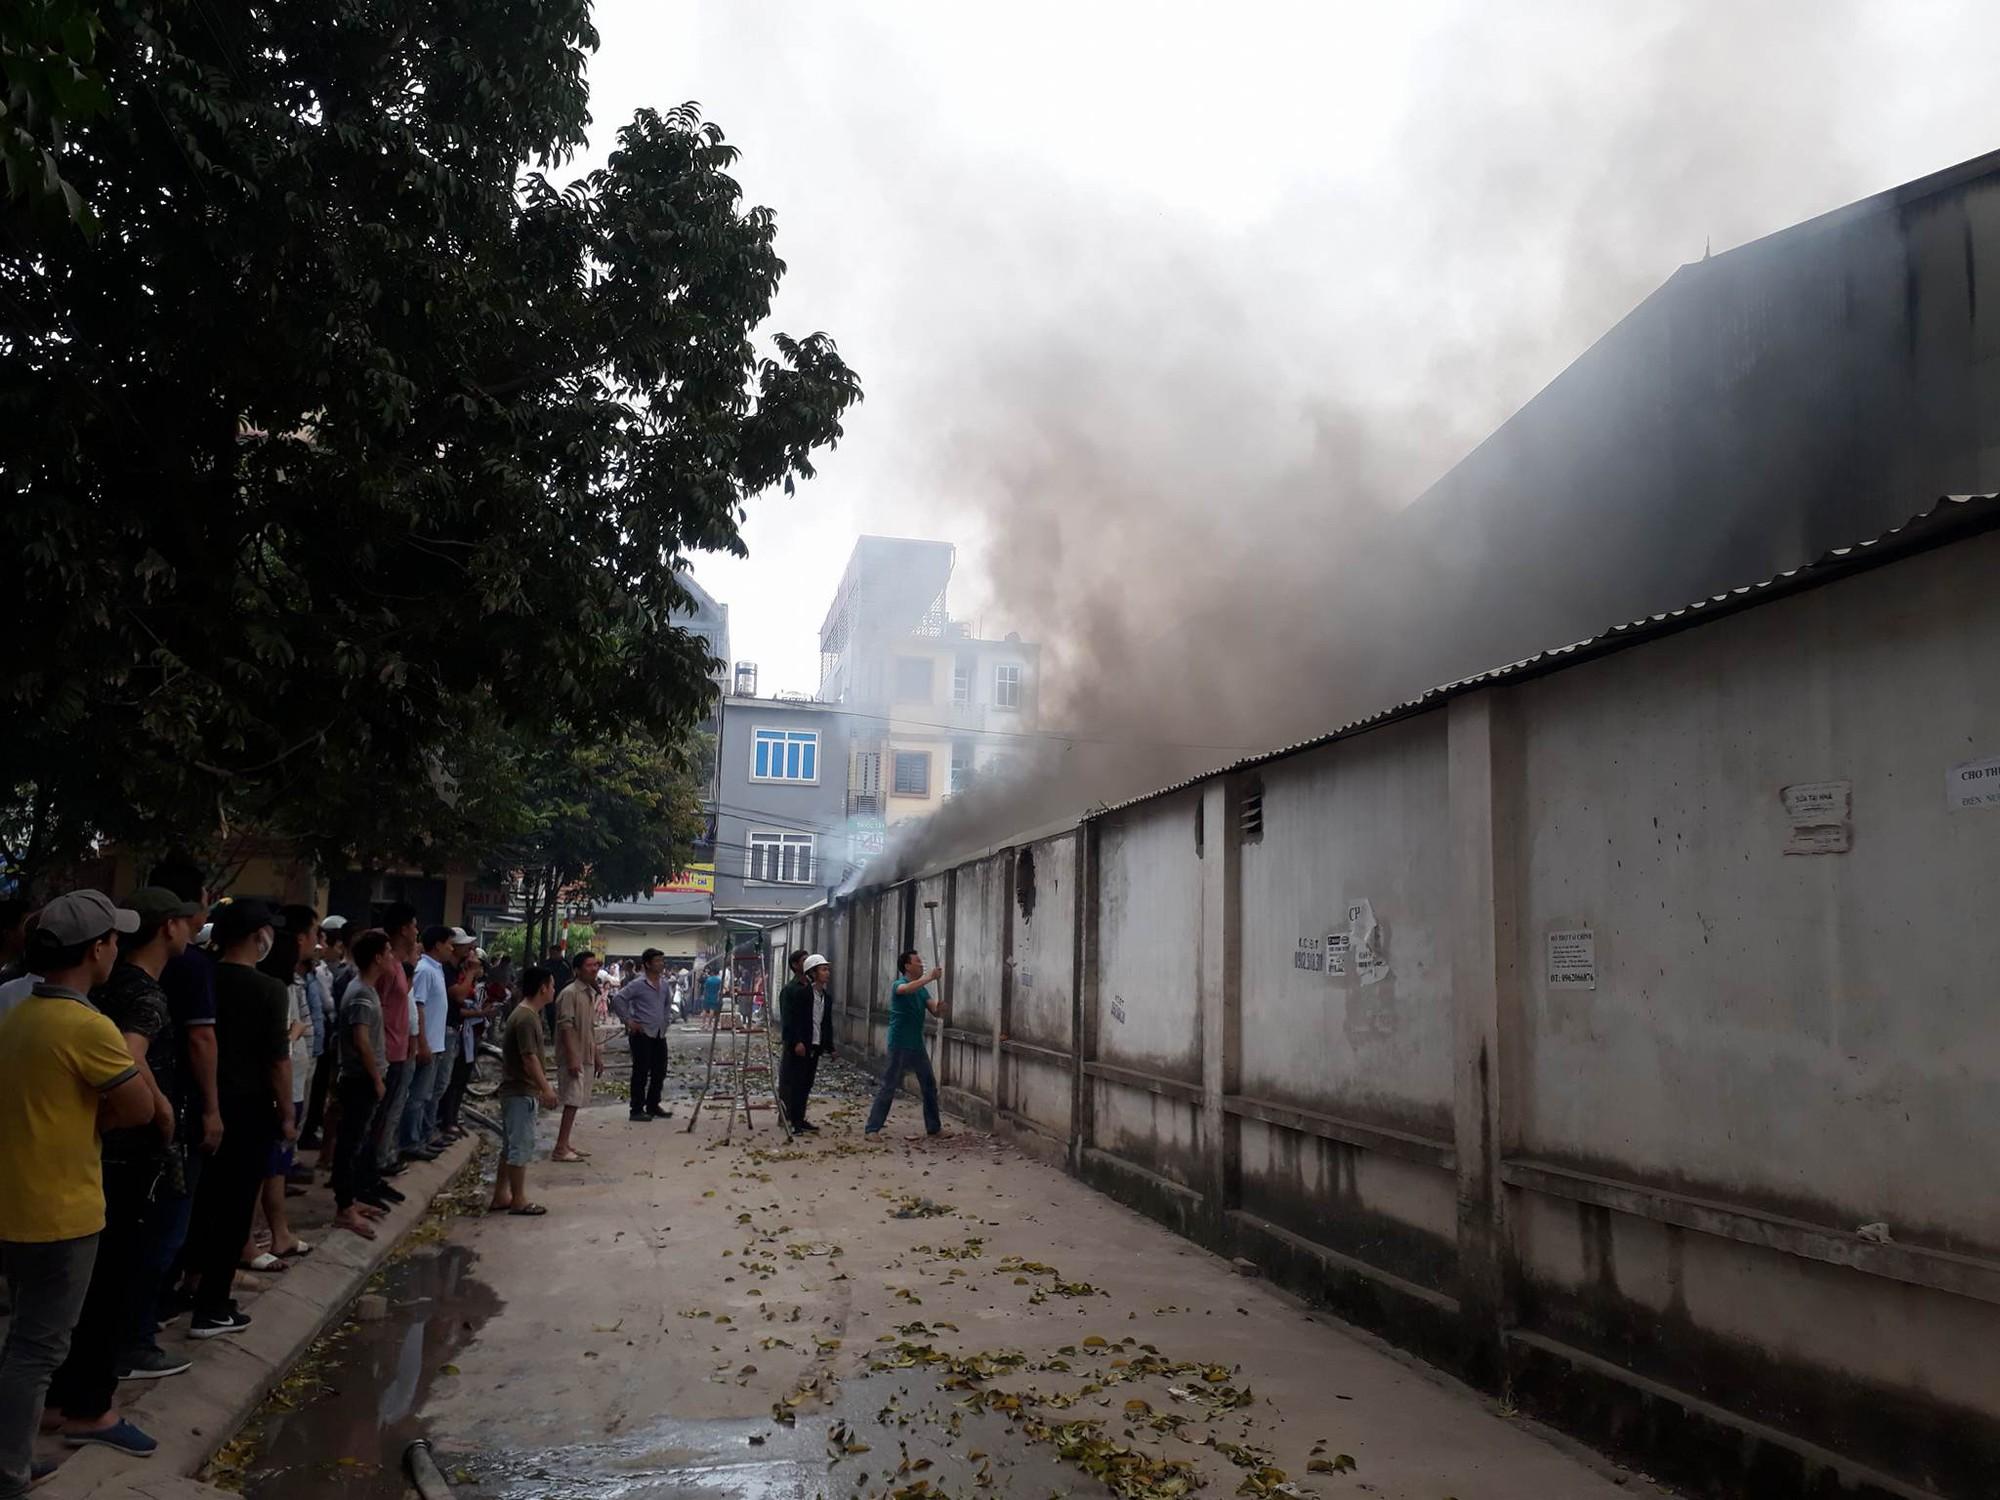 Hà Nội: Đang cháy rất lớn ở chợ Quang, vẫn còn người mắc kẹt liên tục kêu cứu - Ảnh 7.